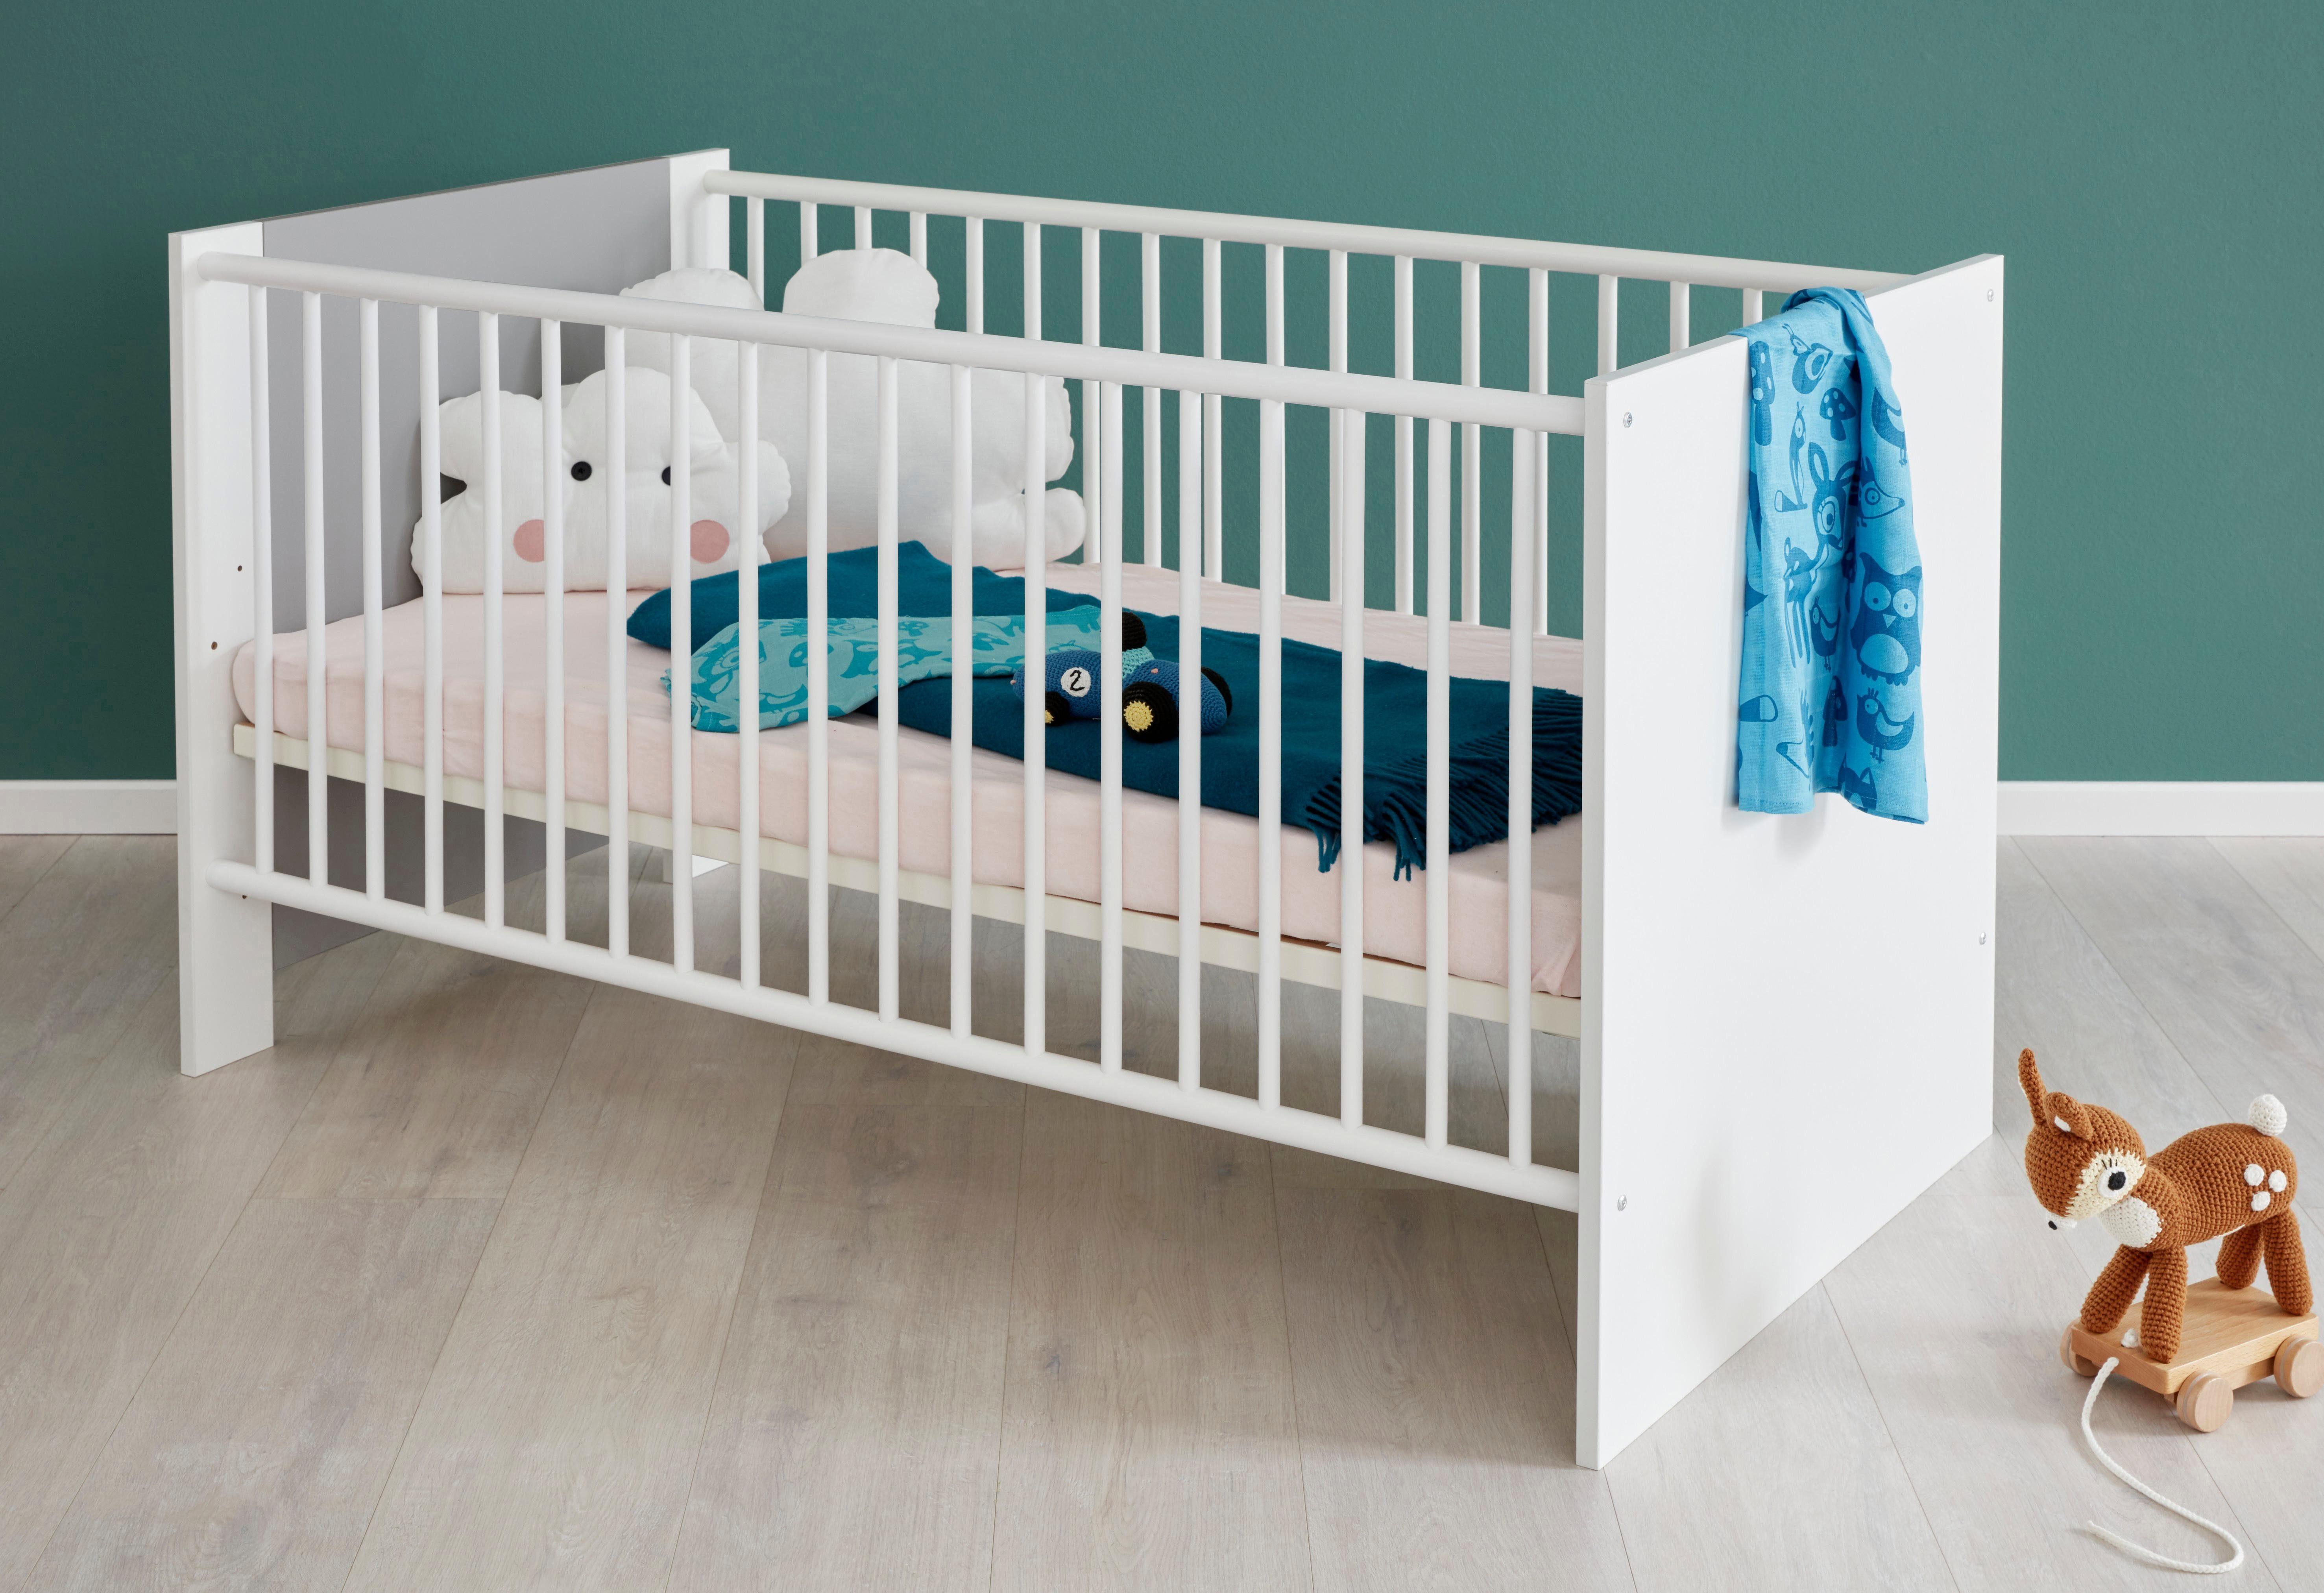 Babybett von roba serie moritz optional mit matratze mamikreisel